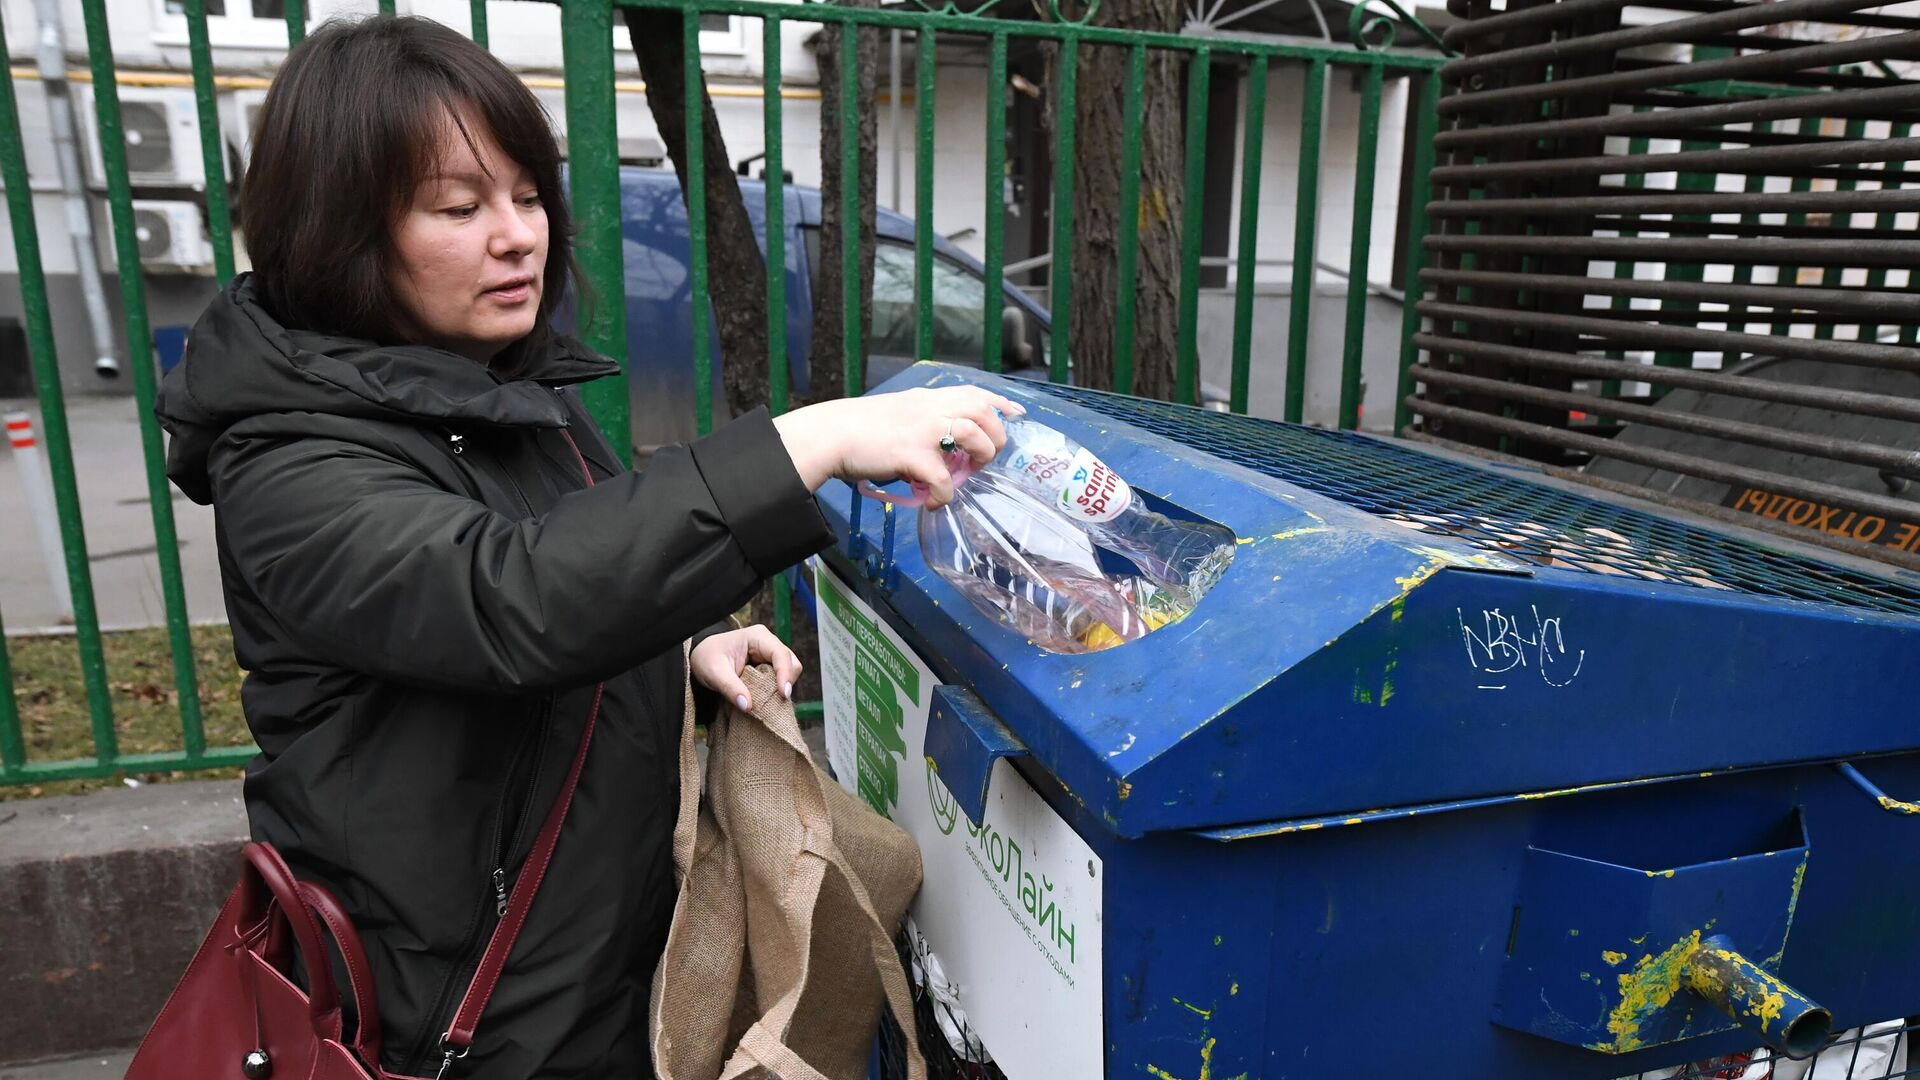 Раздельный сбор мусора в Москве - РИА Новости, 1920, 09.07.2020